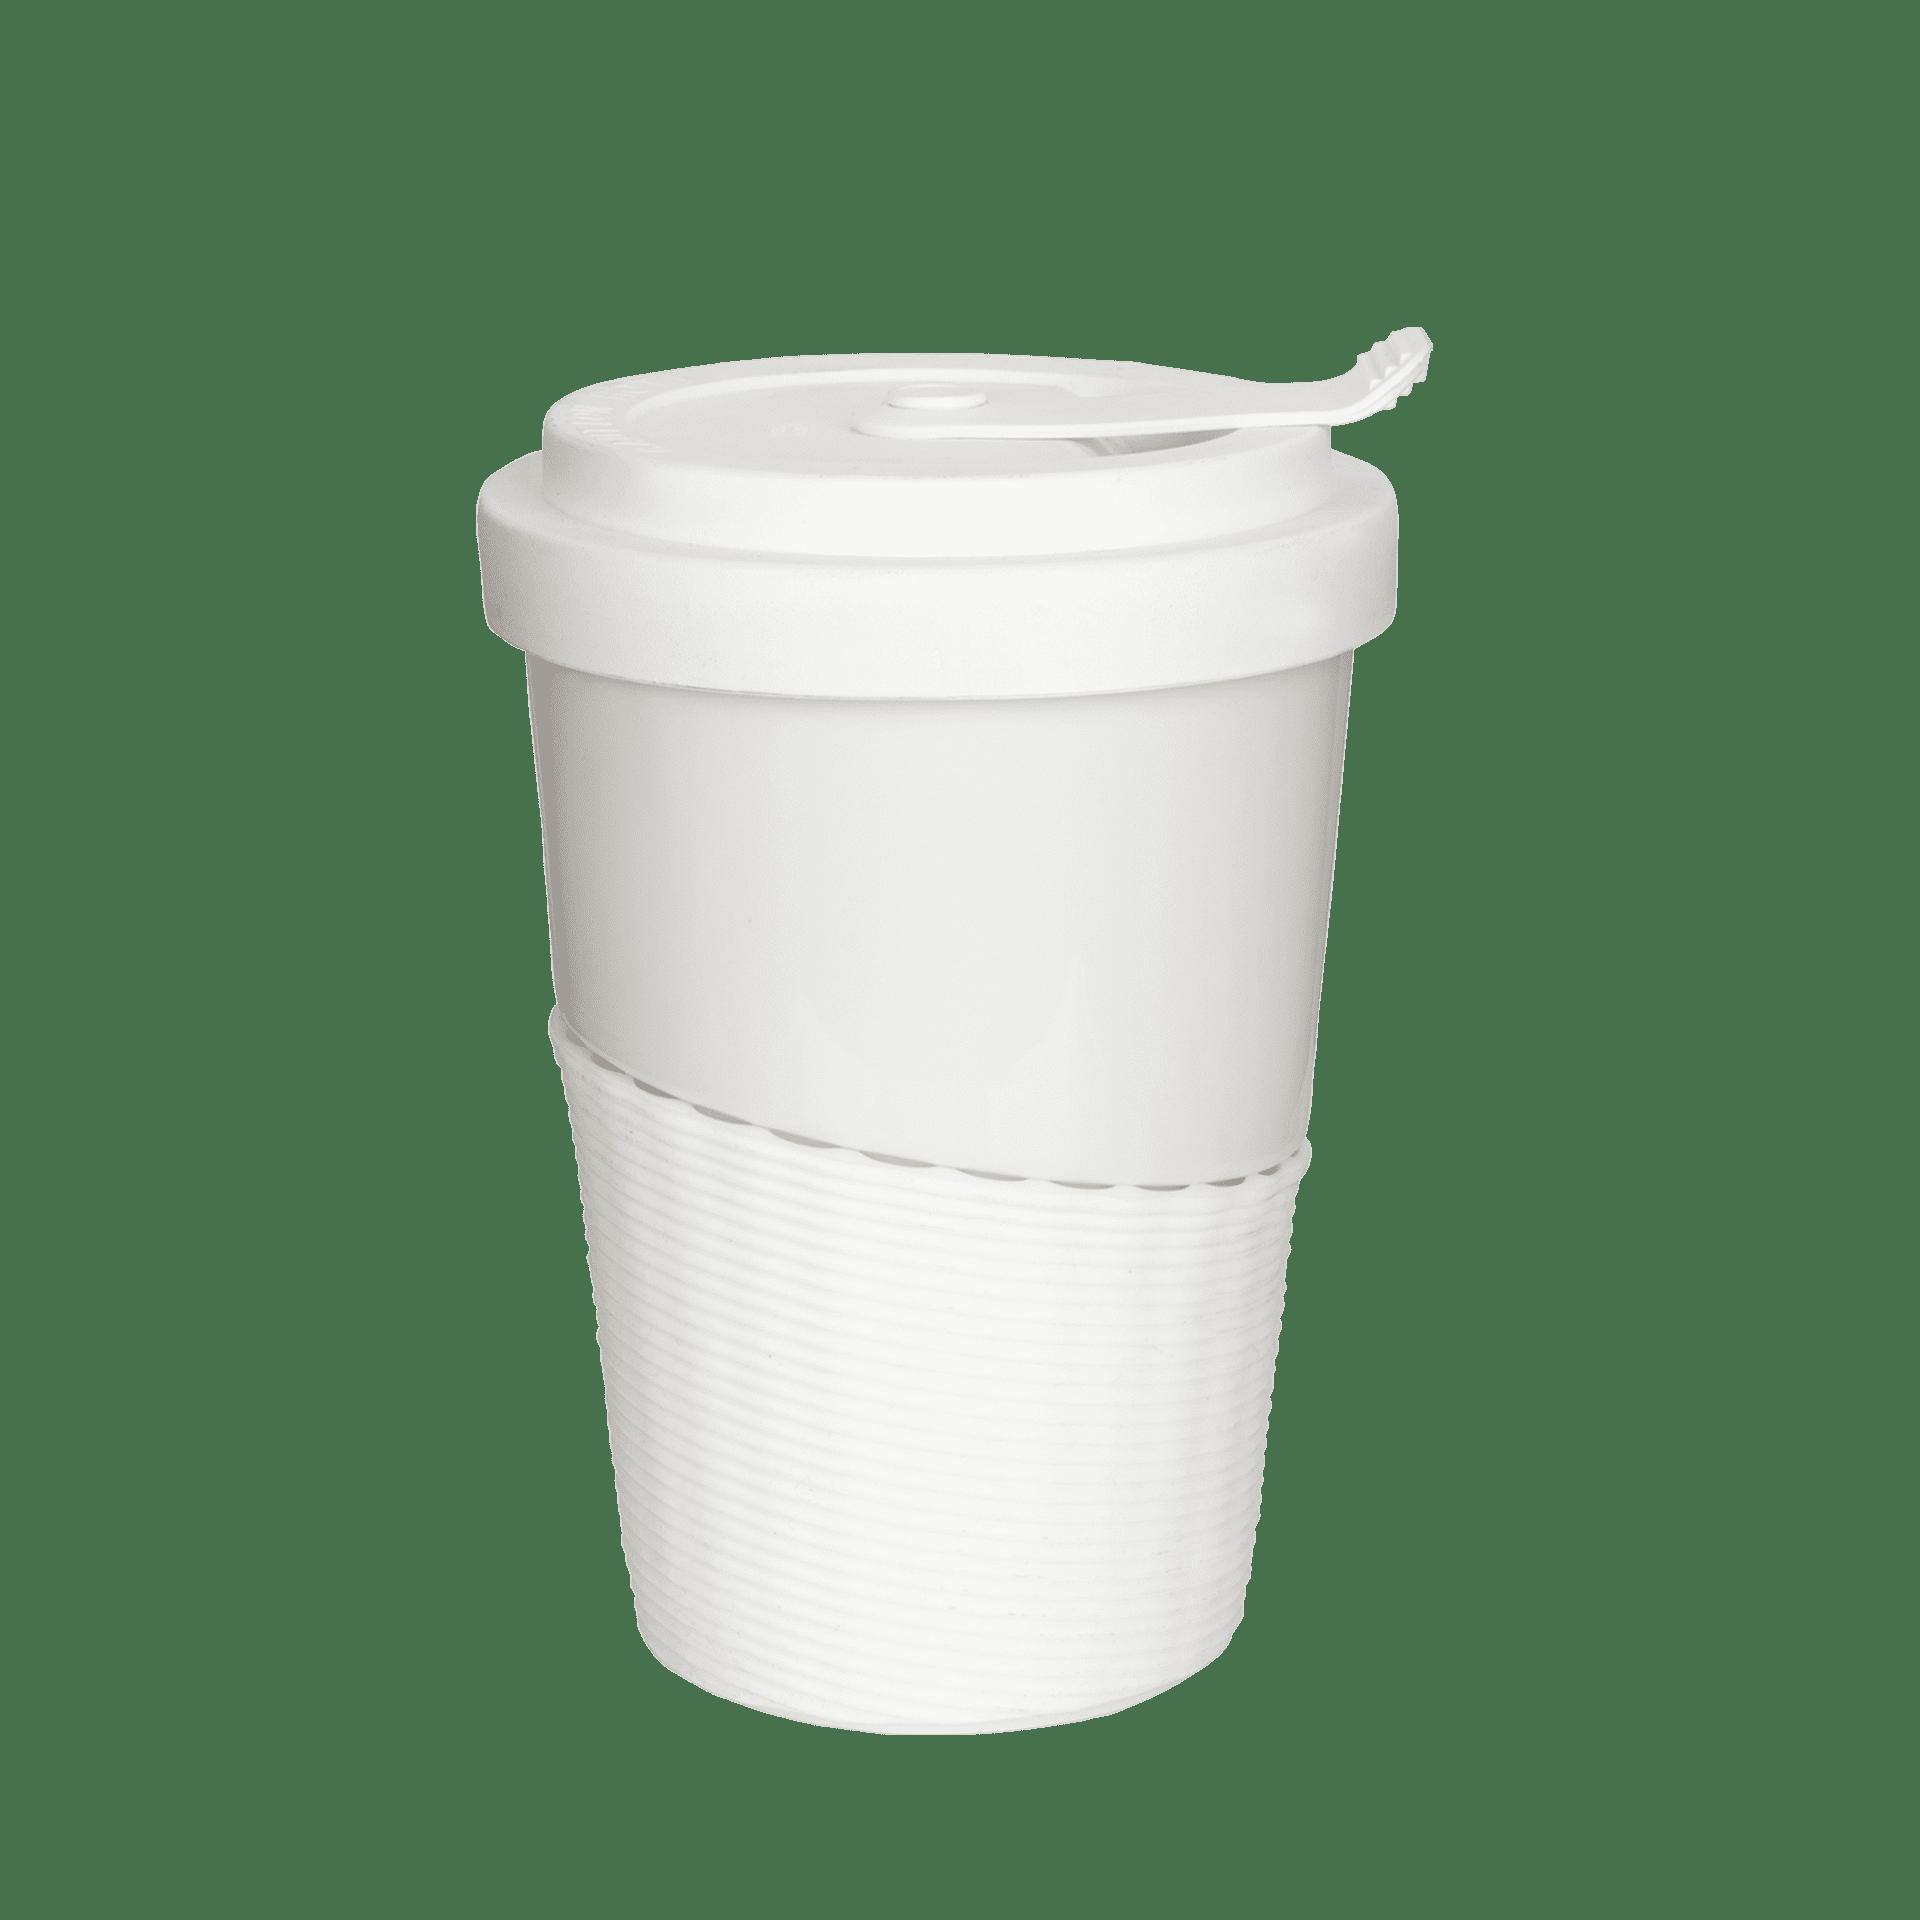 Kaffeebecher mit Deckel für Coffee to go kaufen